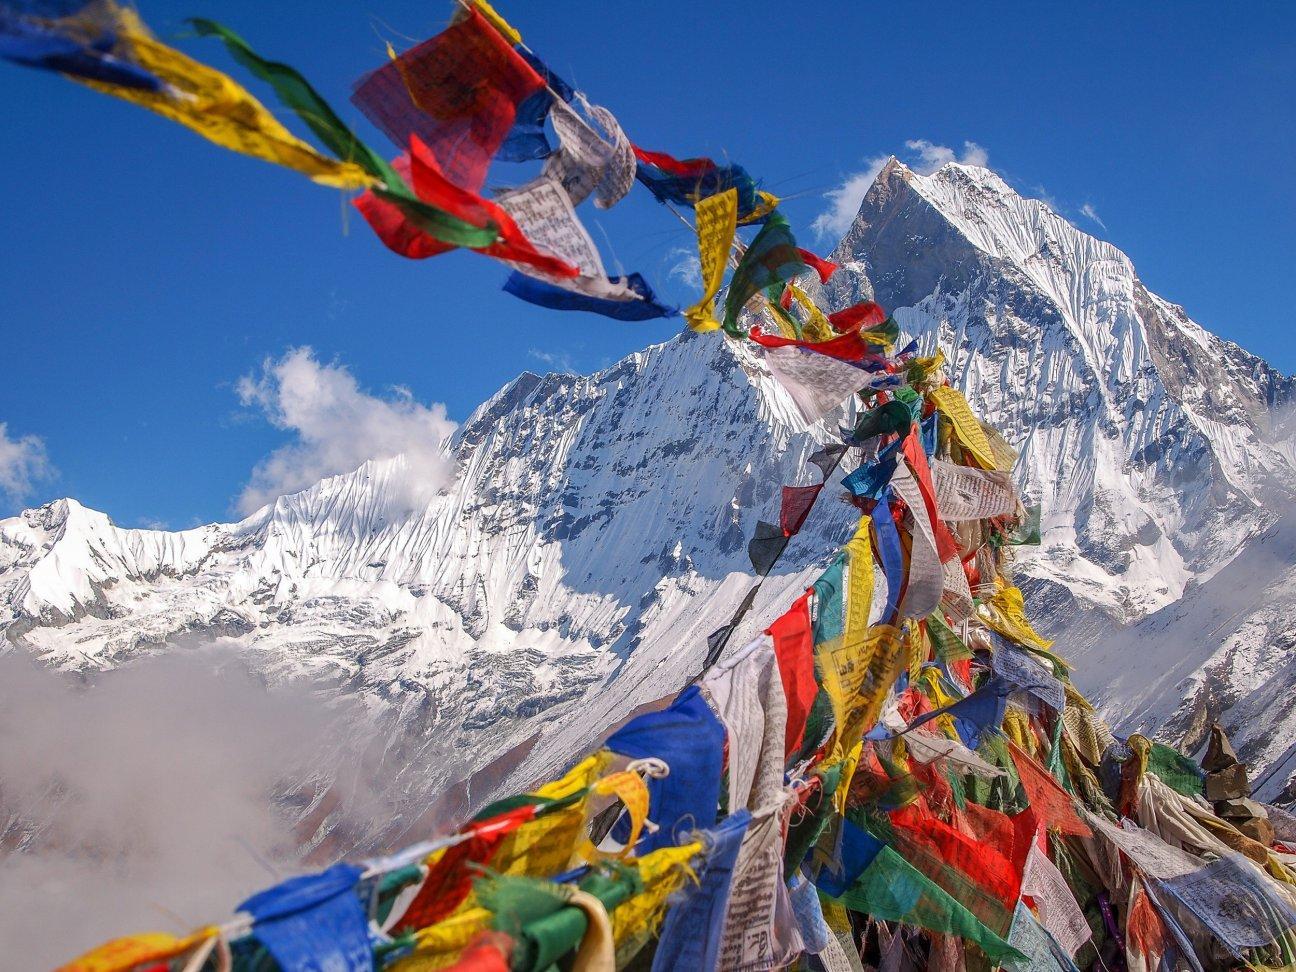 Разноцветные флажки в горах